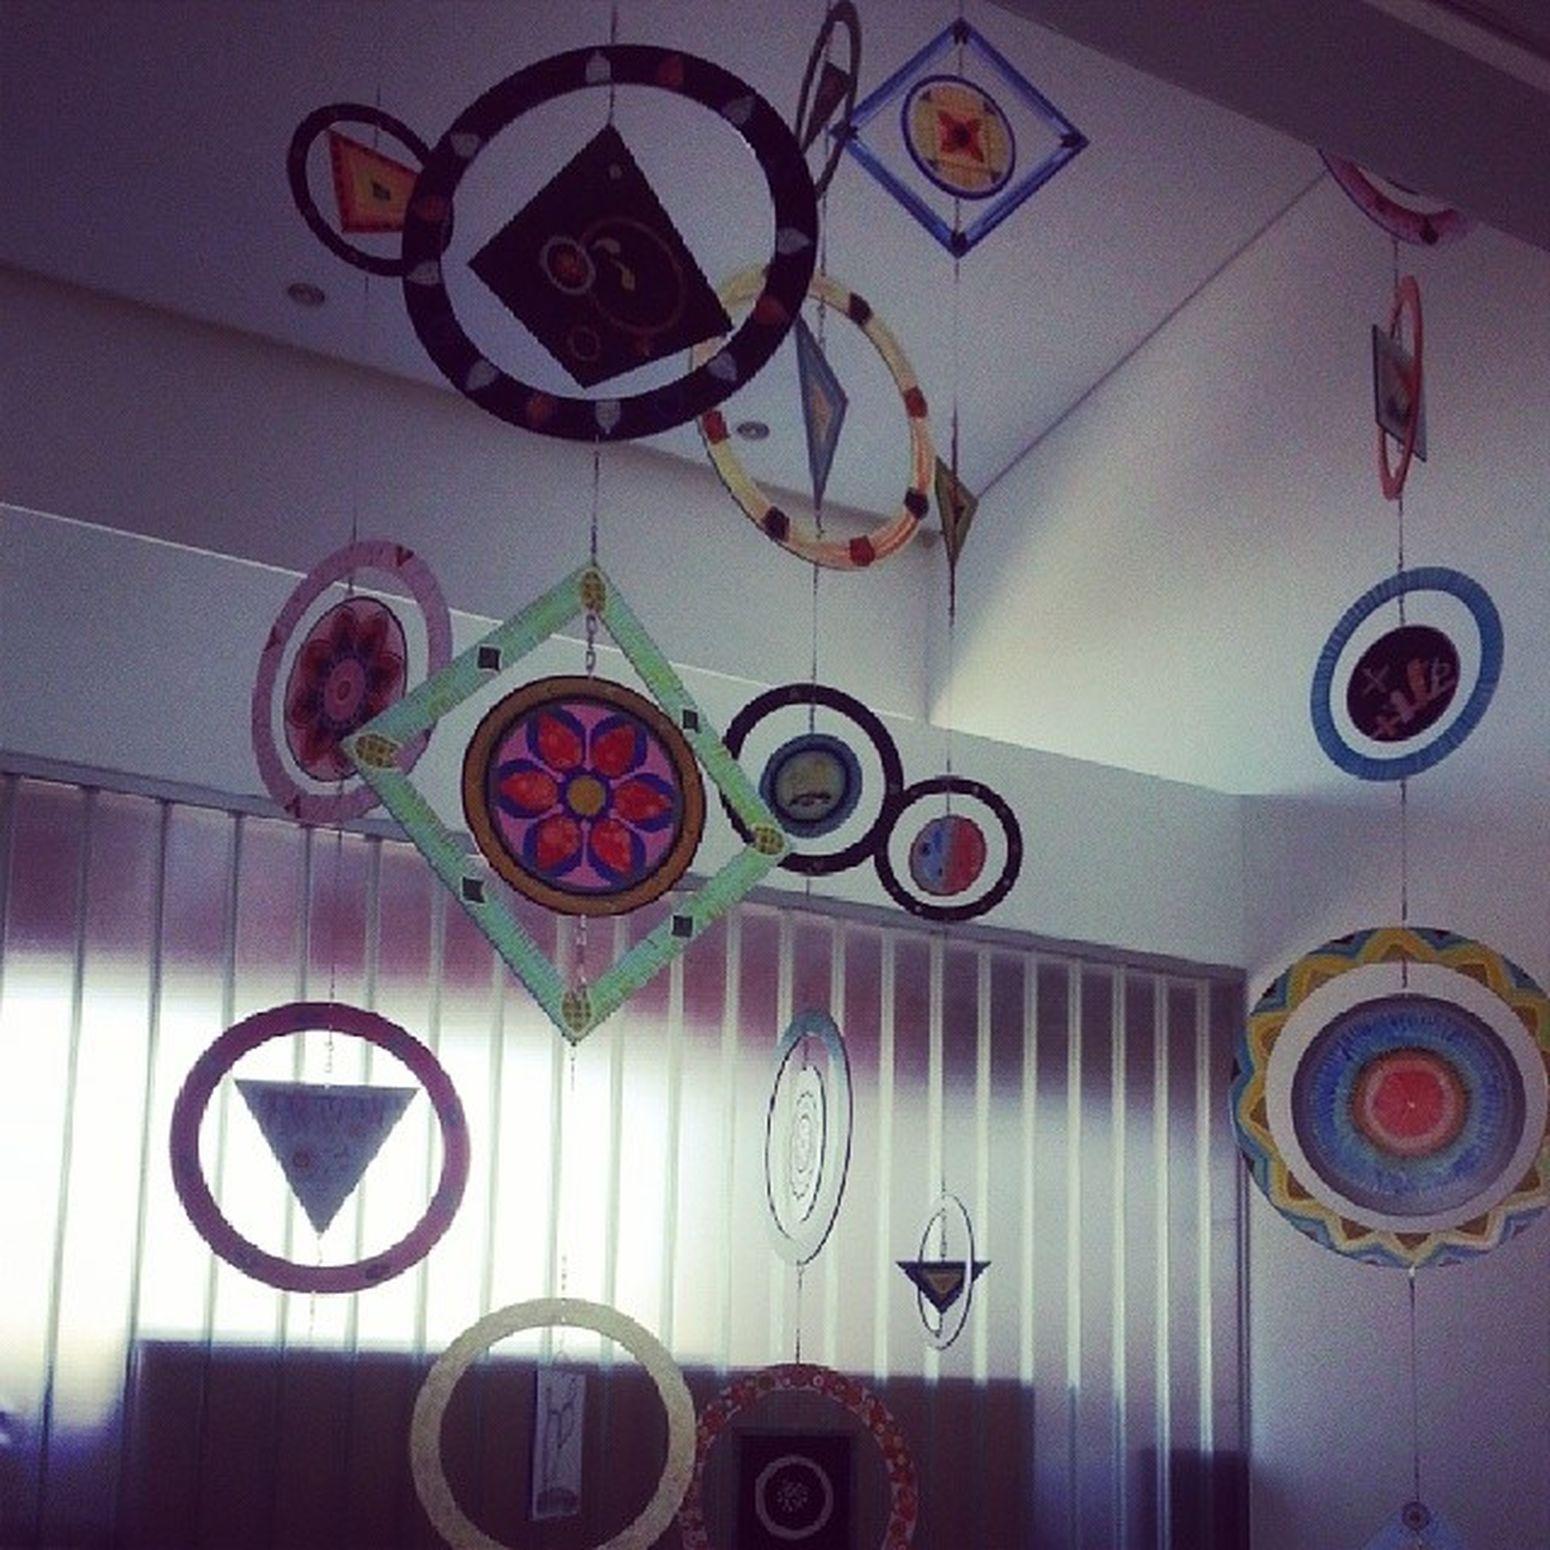 전통무늬 향토음식박물관 문화생활 모빌 샹들리에